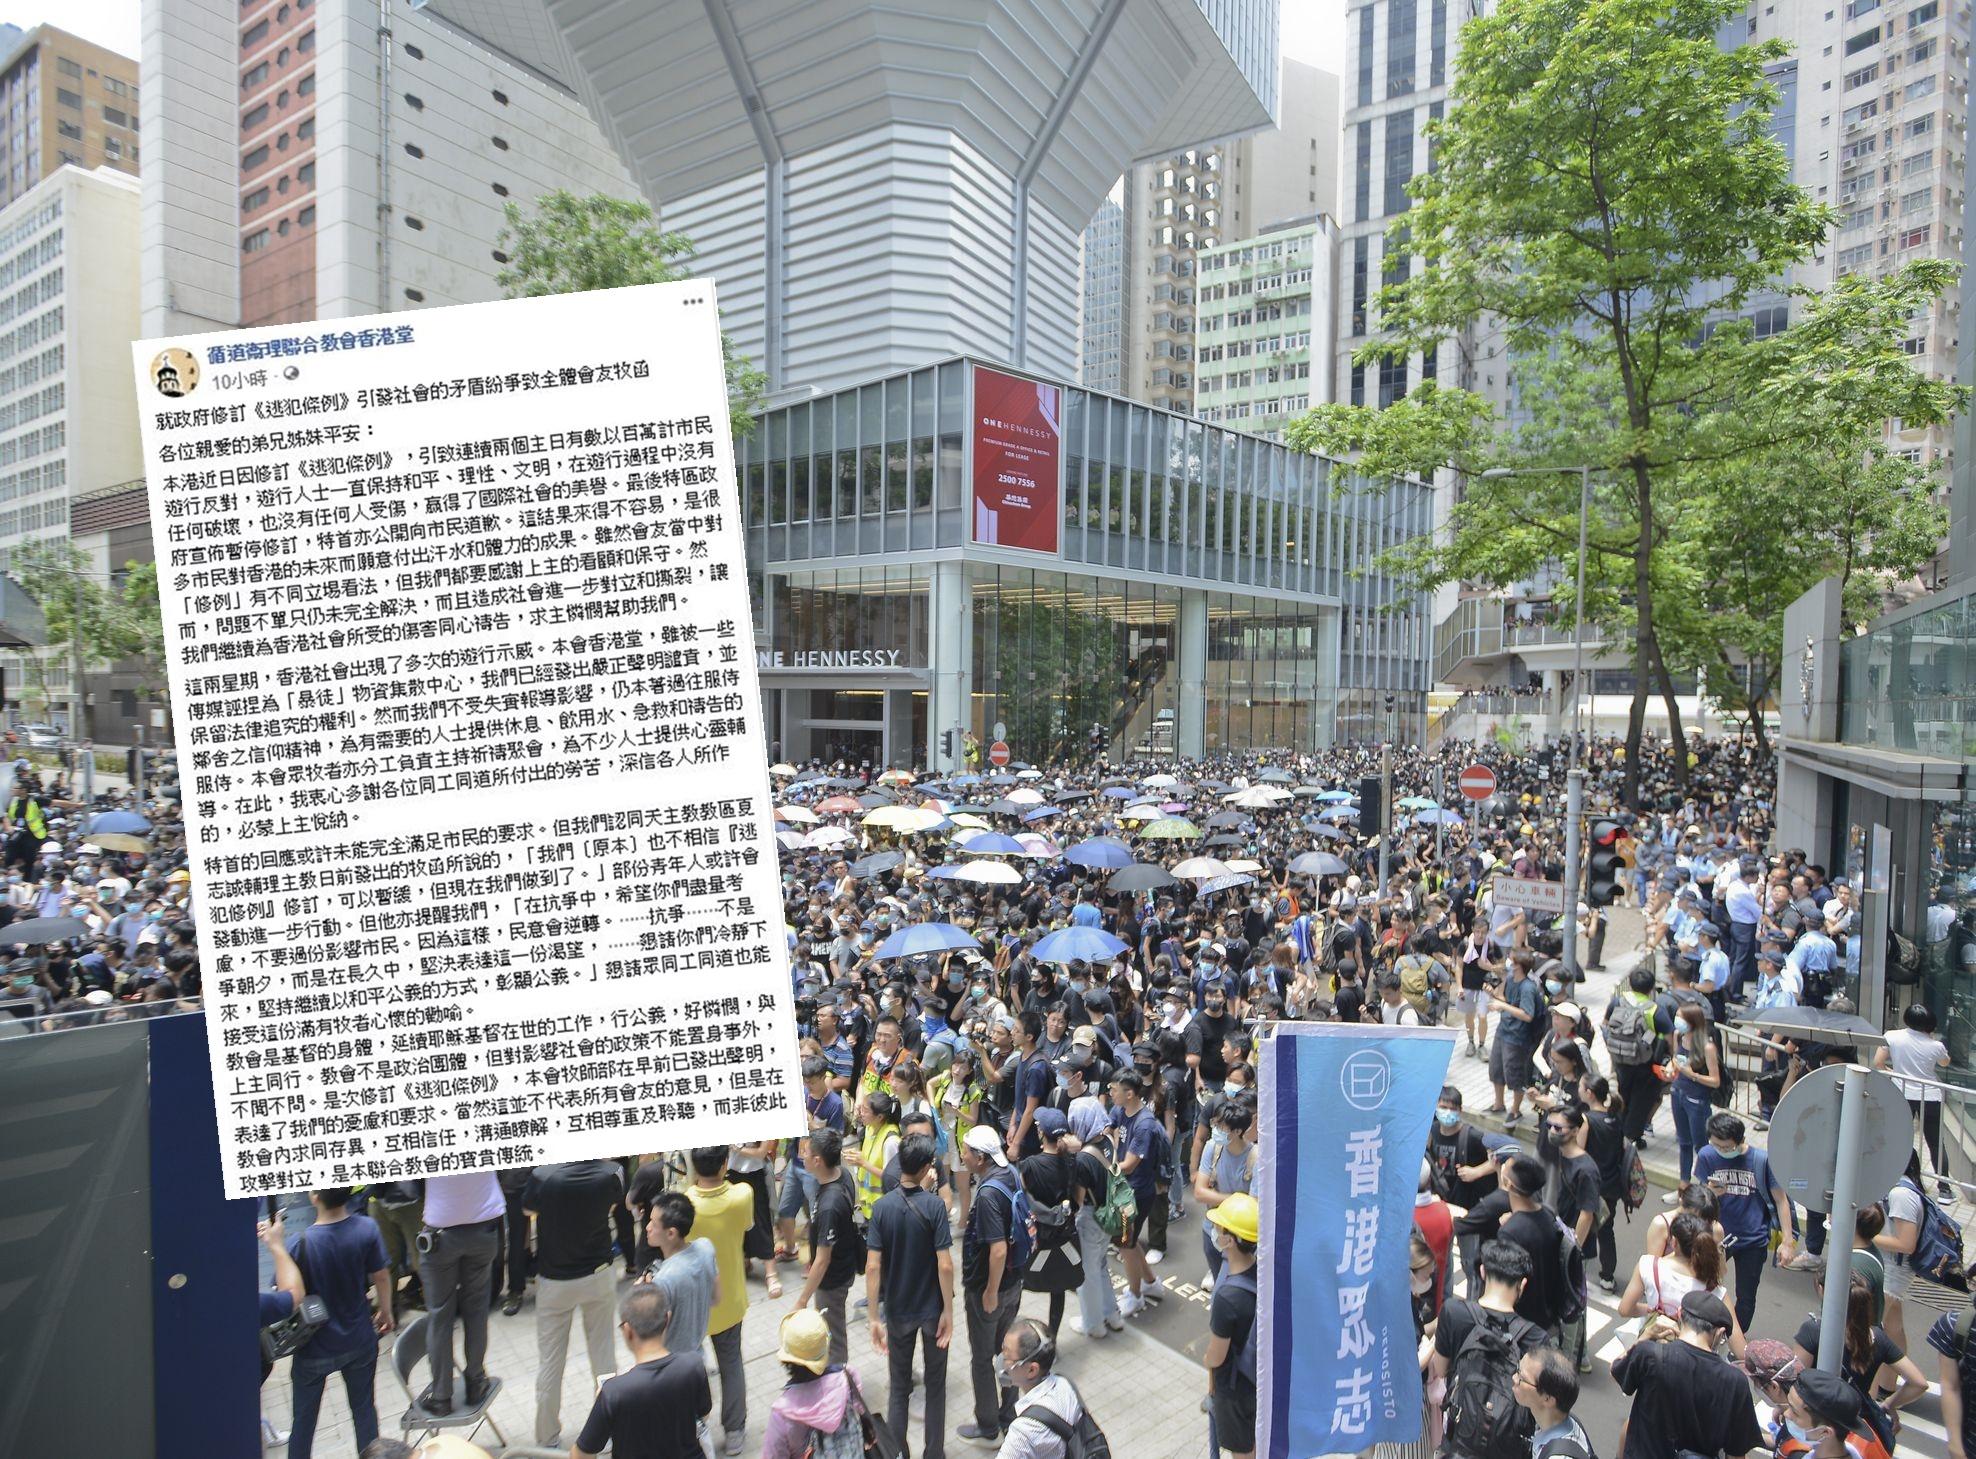 政府提出修例在社会引起连串风波,示威者日前包围警察总部。资料图片/FB截图